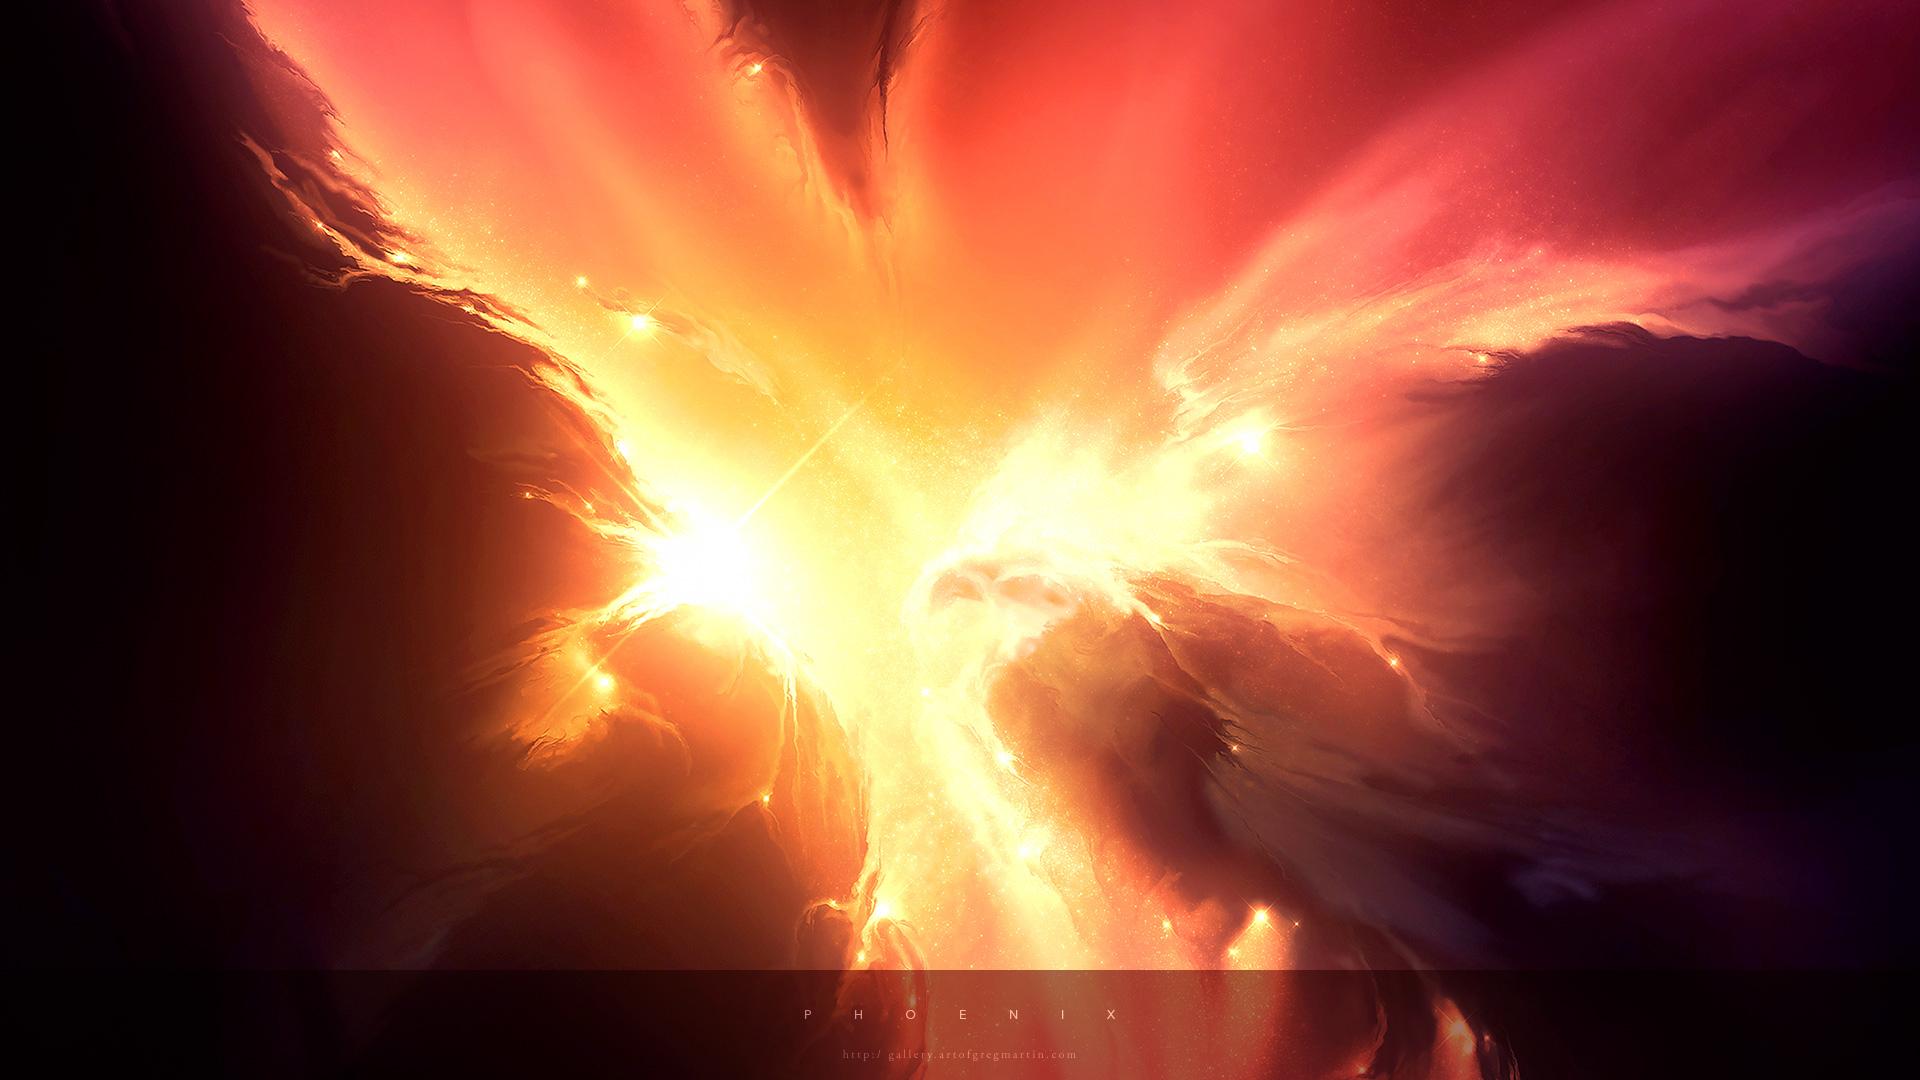 phoenix nebula hd - photo #6